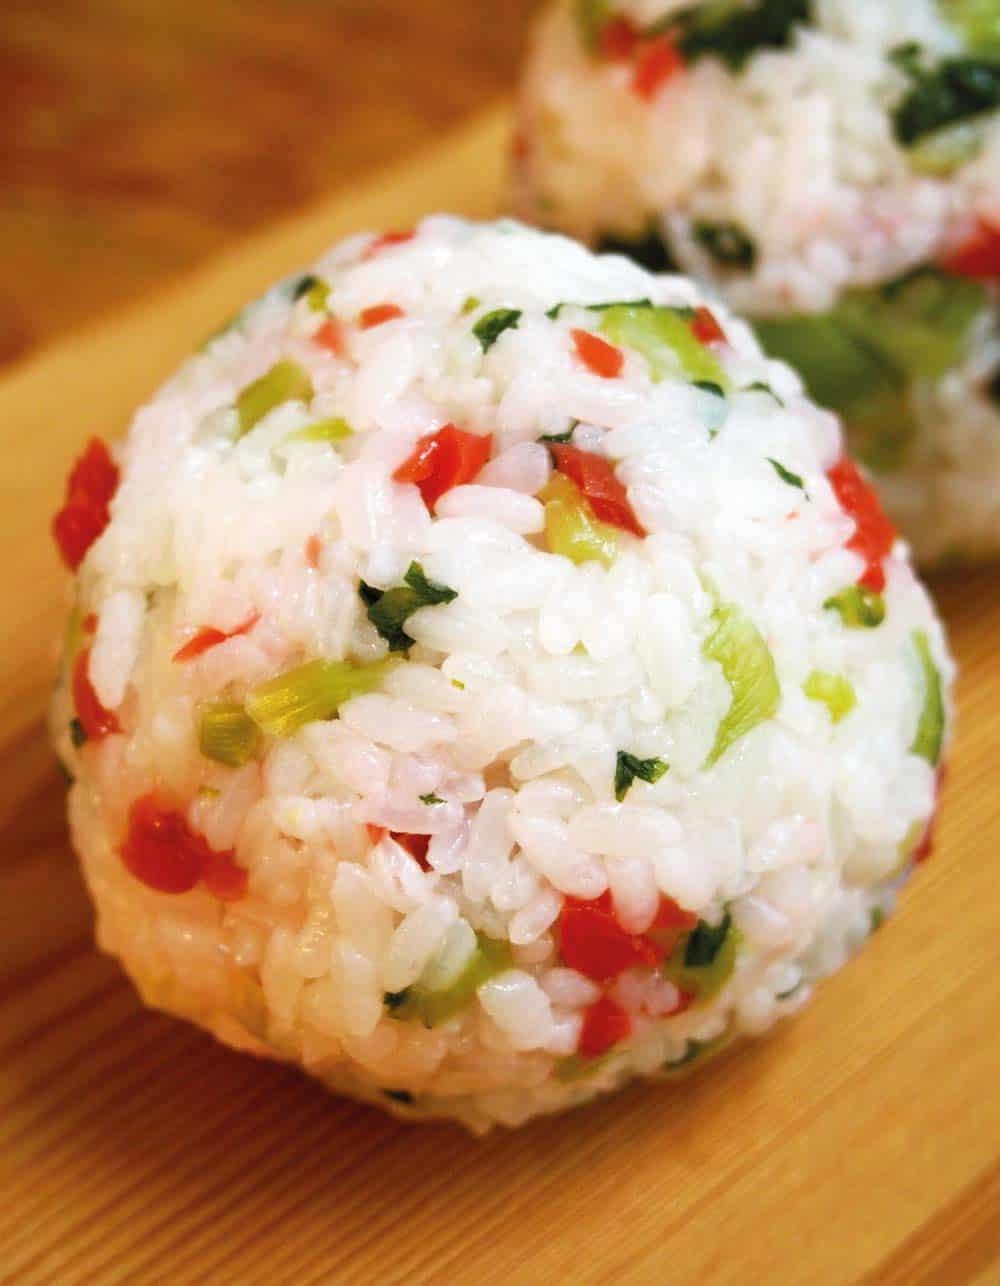 โนซาวะนะโตะคาริคาริอุเมะโอนิกิริ ข้าวปั้นผสมผักโนซาวะนะและบ๊วยเม็ดเล็ก ของ จ.นากาโน่